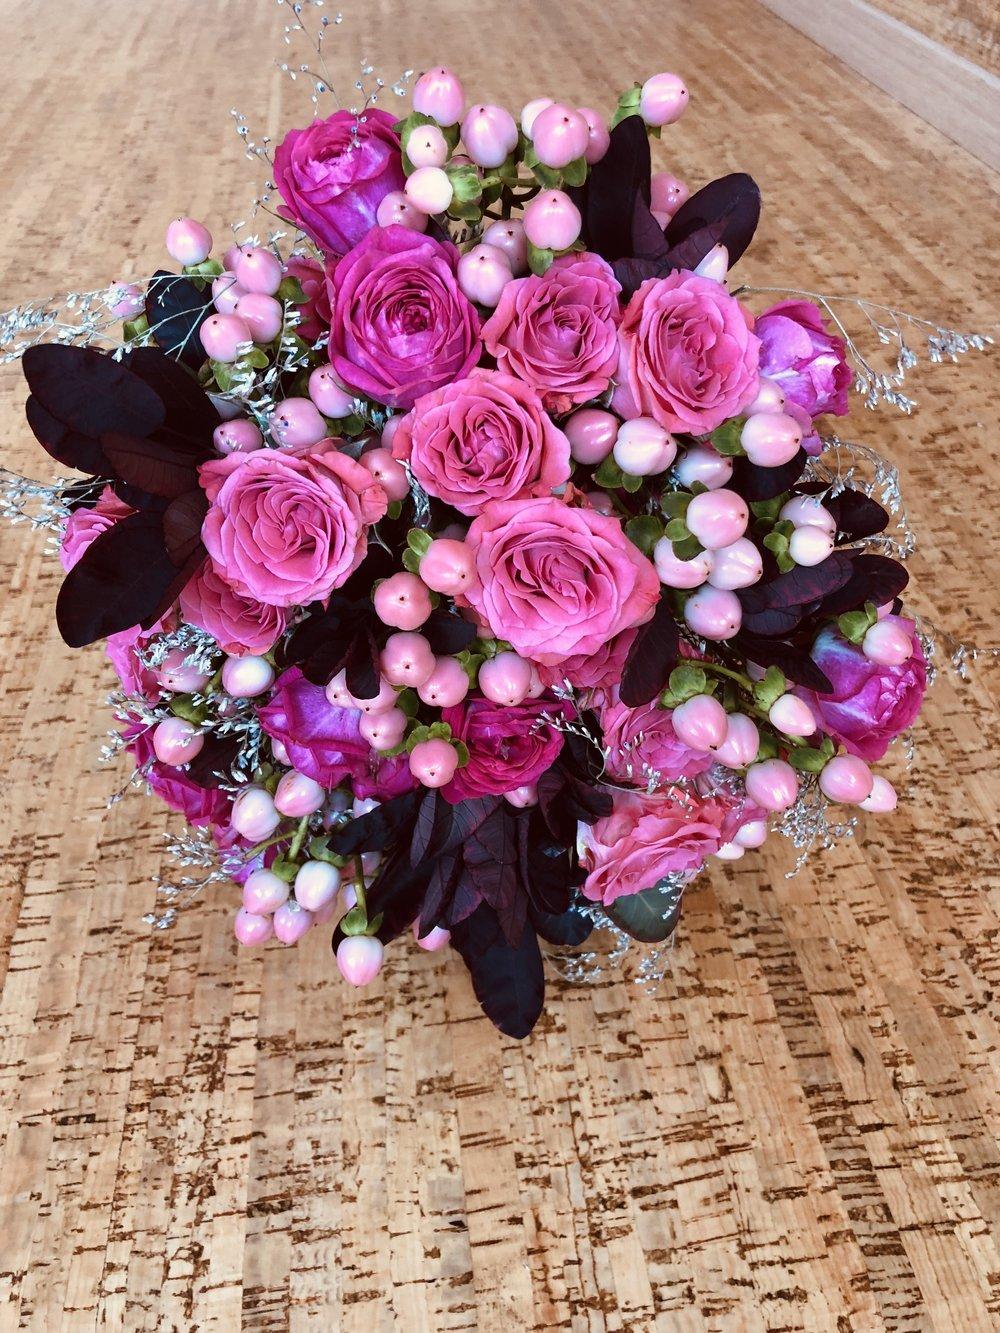 Букет из живых цветов - ЗАКАЖИТЕ ОСОБЕННЫЙ БУКЕТ